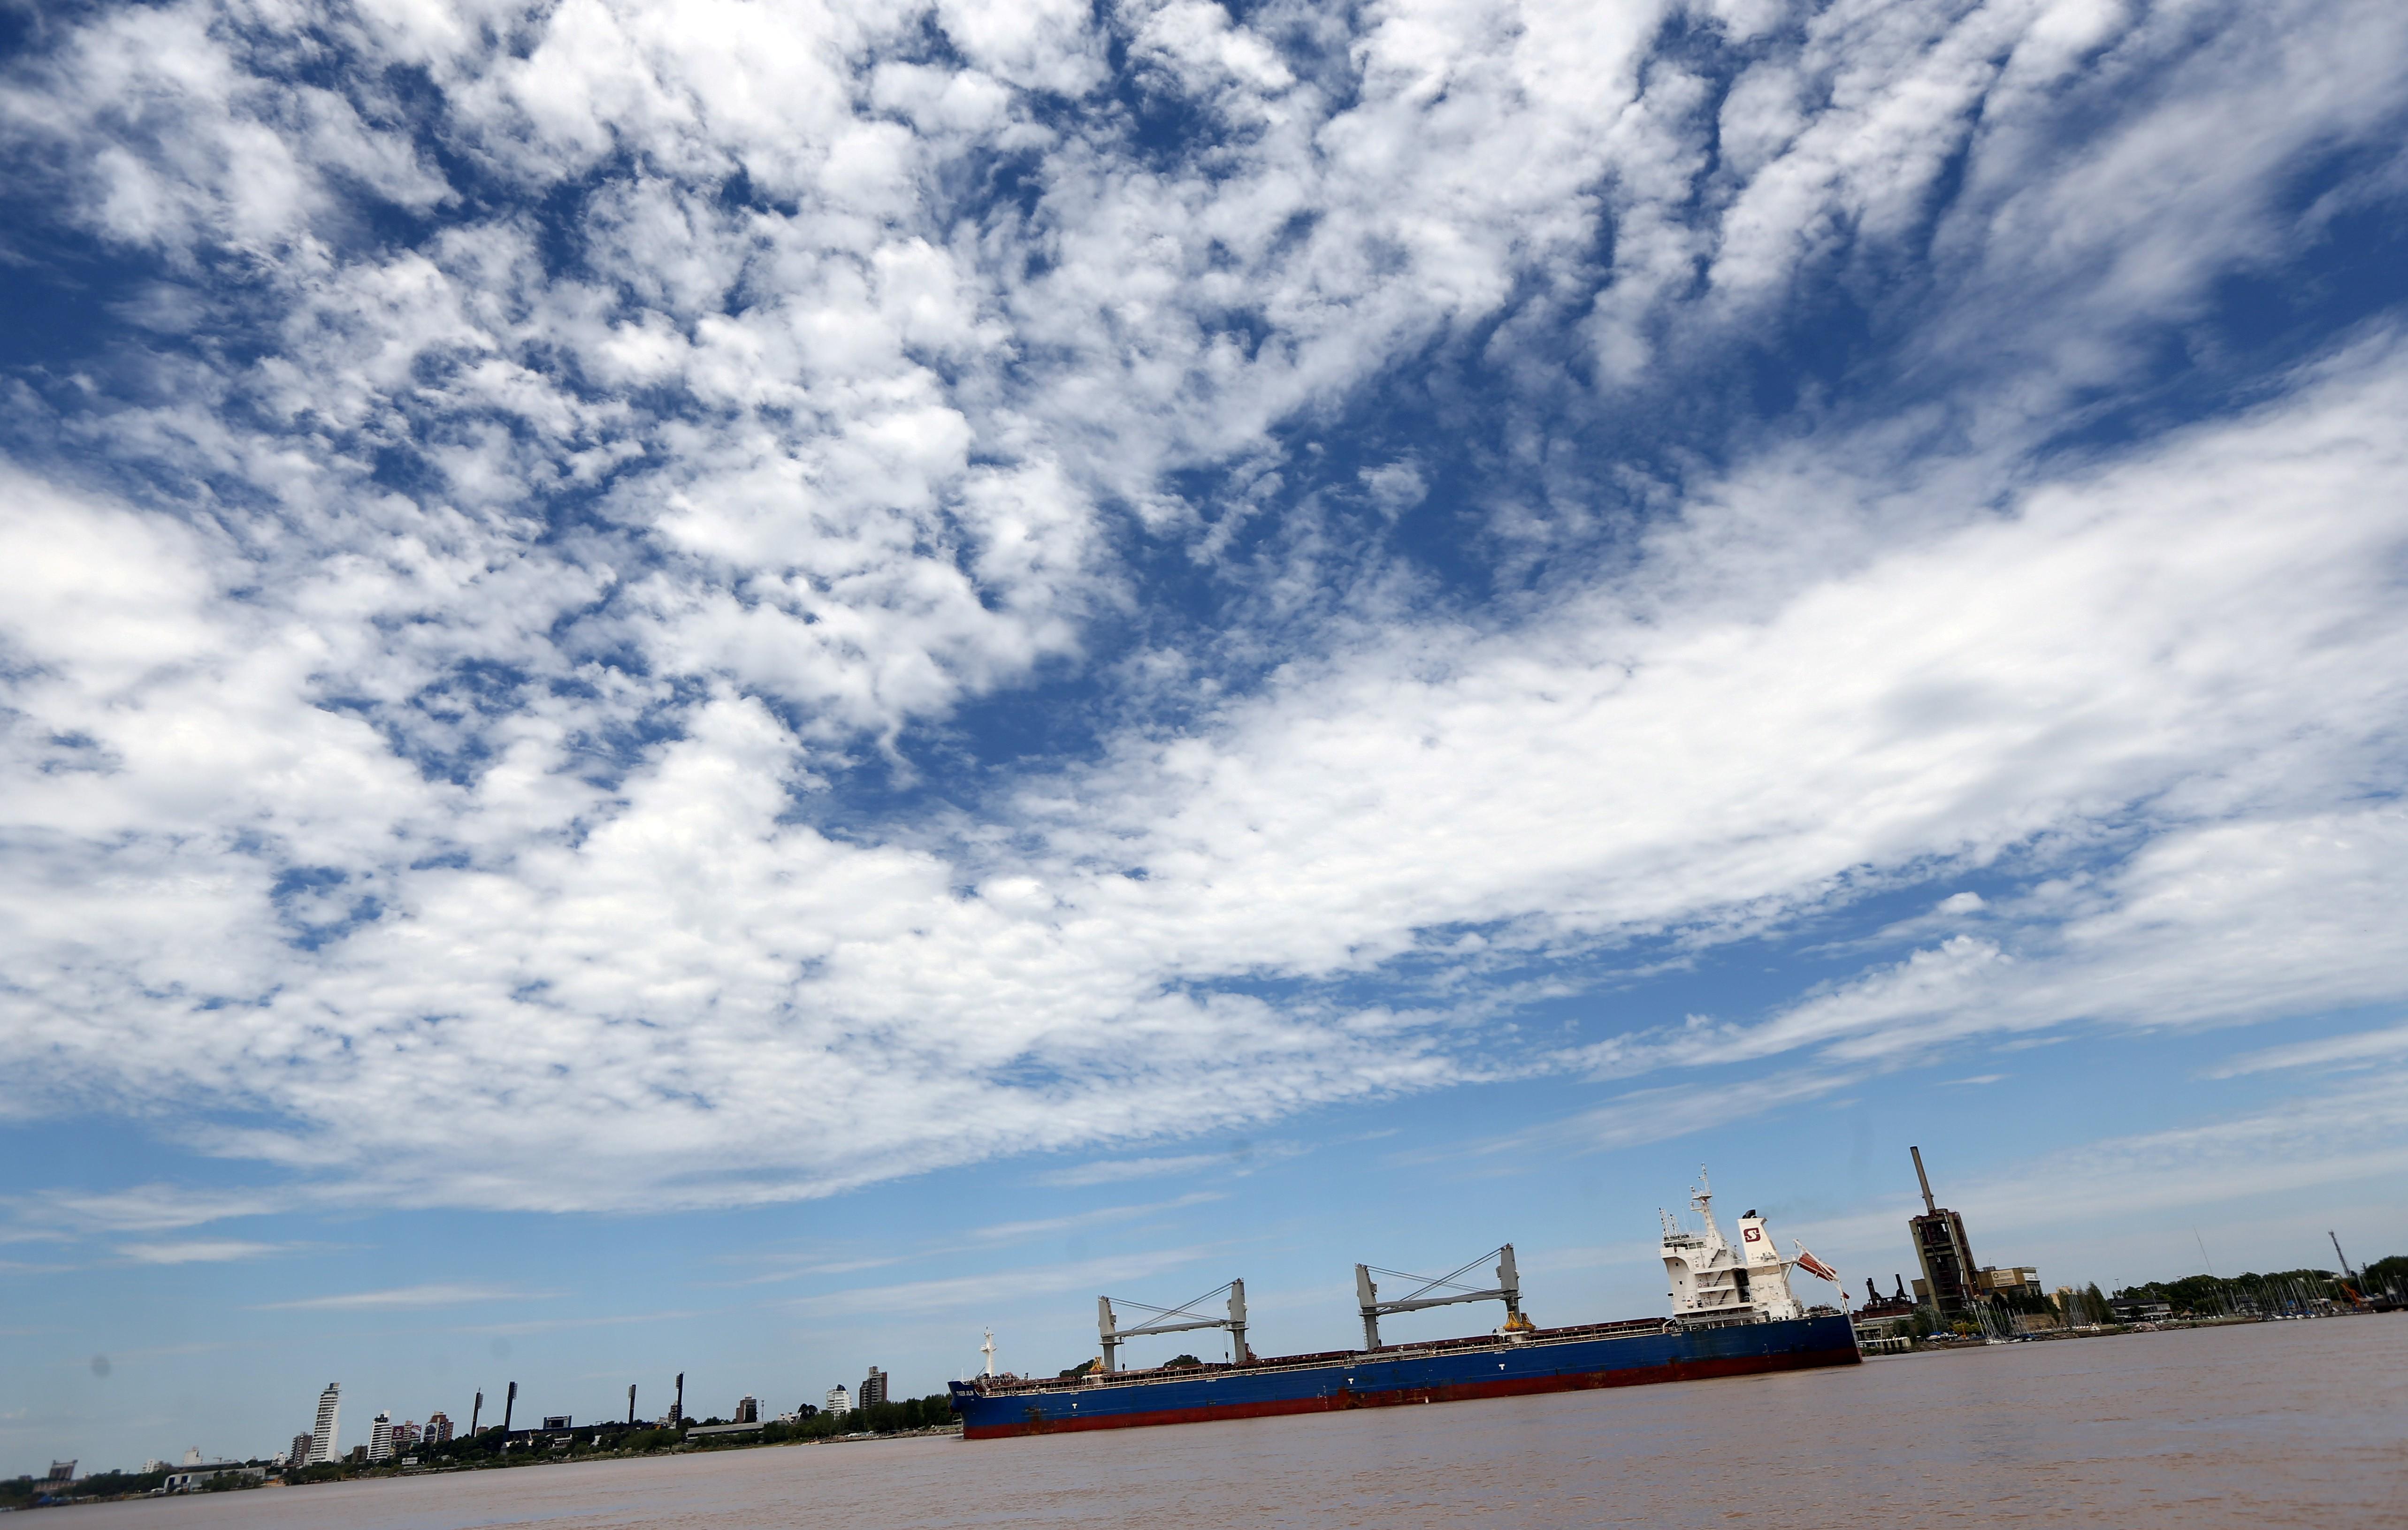 Demanda por grãos do Brasil aumenta com seca dificultando escoamento na Argentina